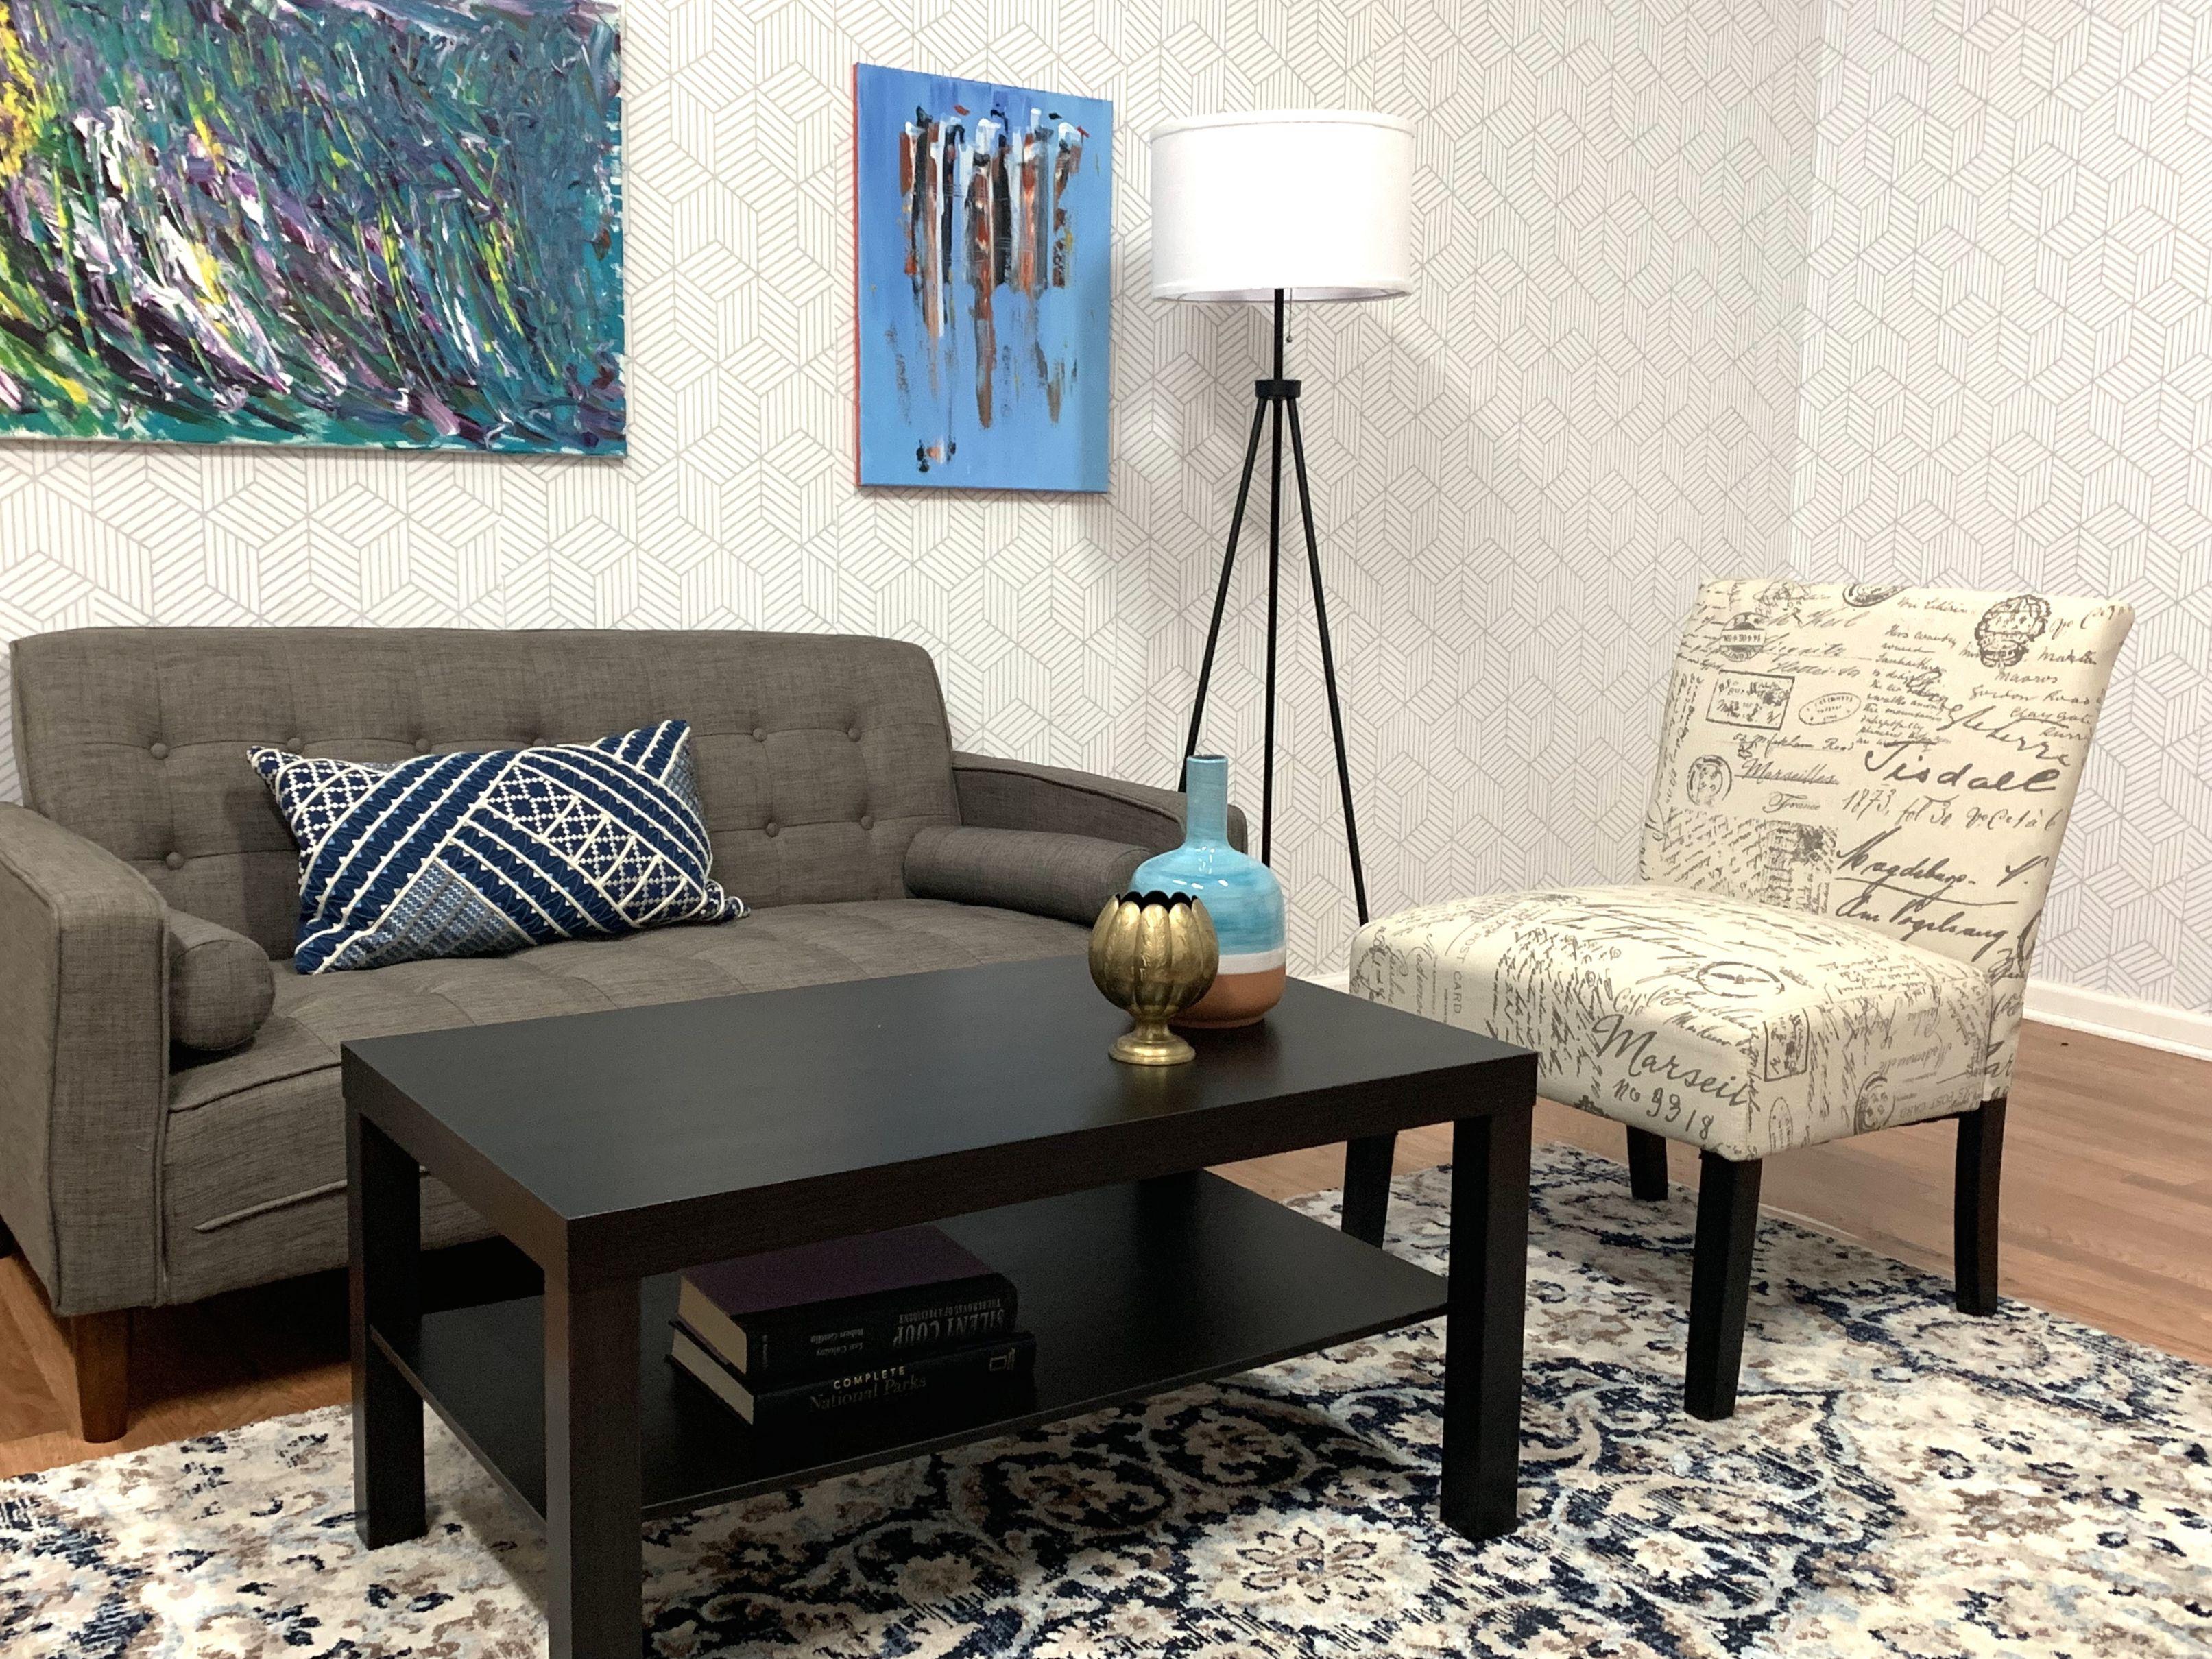 Rent Living Room Furniture Sets | Furniture Rental with regard to Unique Living Room Furniture Sets